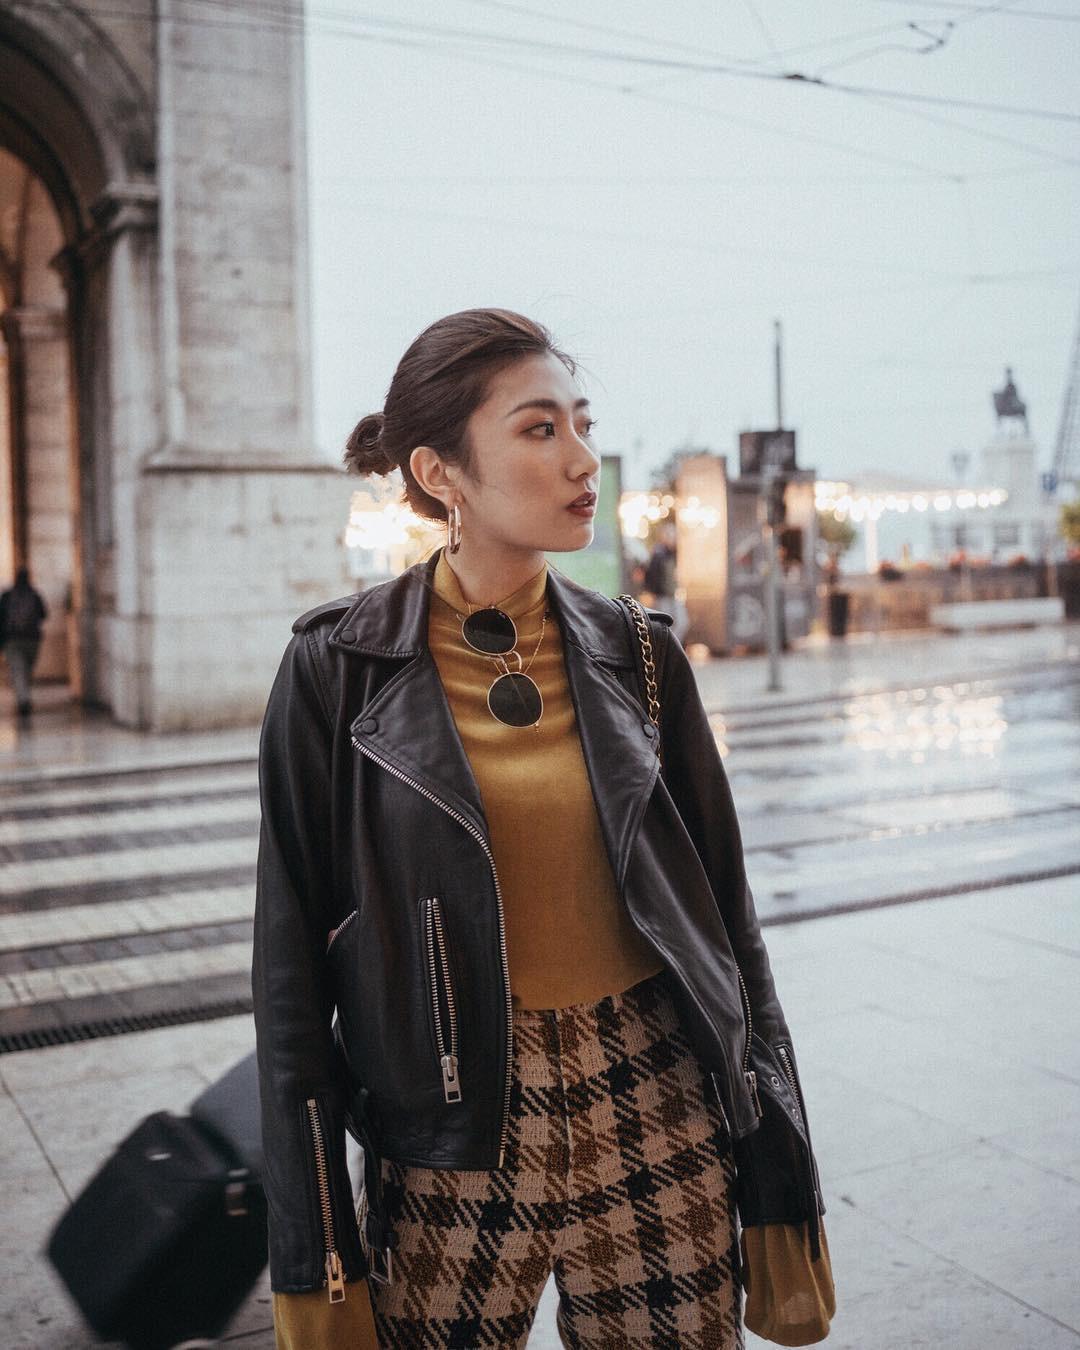 Mách bạn cách mặc đồ: Chọn được áo khoác hợp dáng người sẽ quyết định 80% bộ đồ đẹp - Ảnh 2.